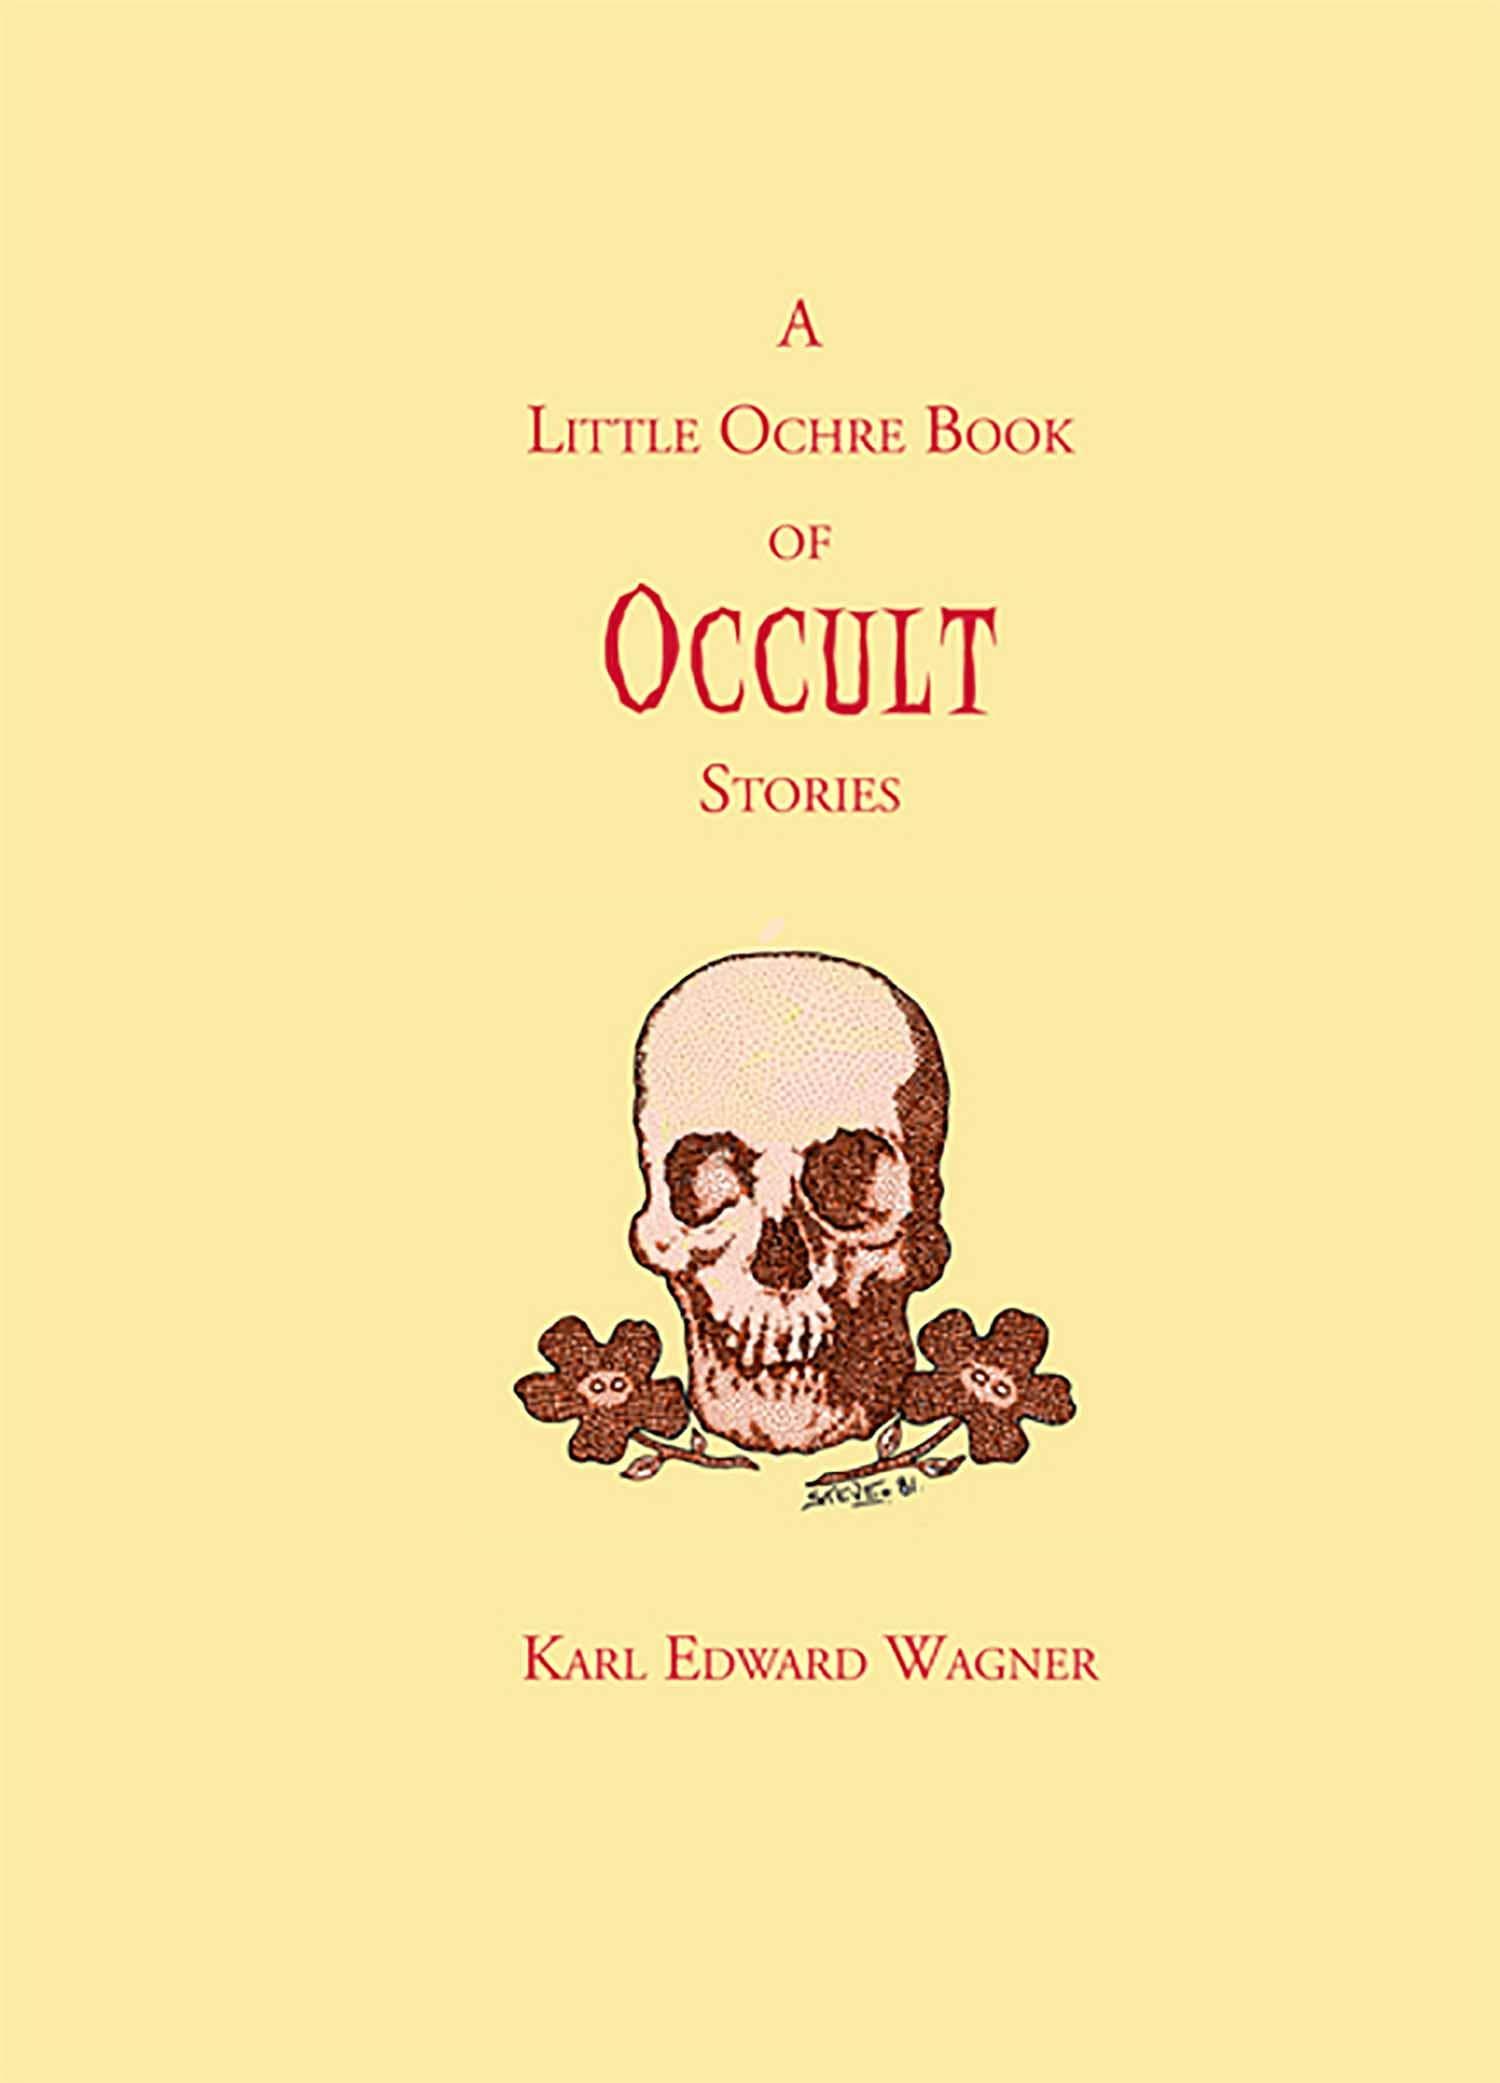 A Little Ochre Book of Occult Stories